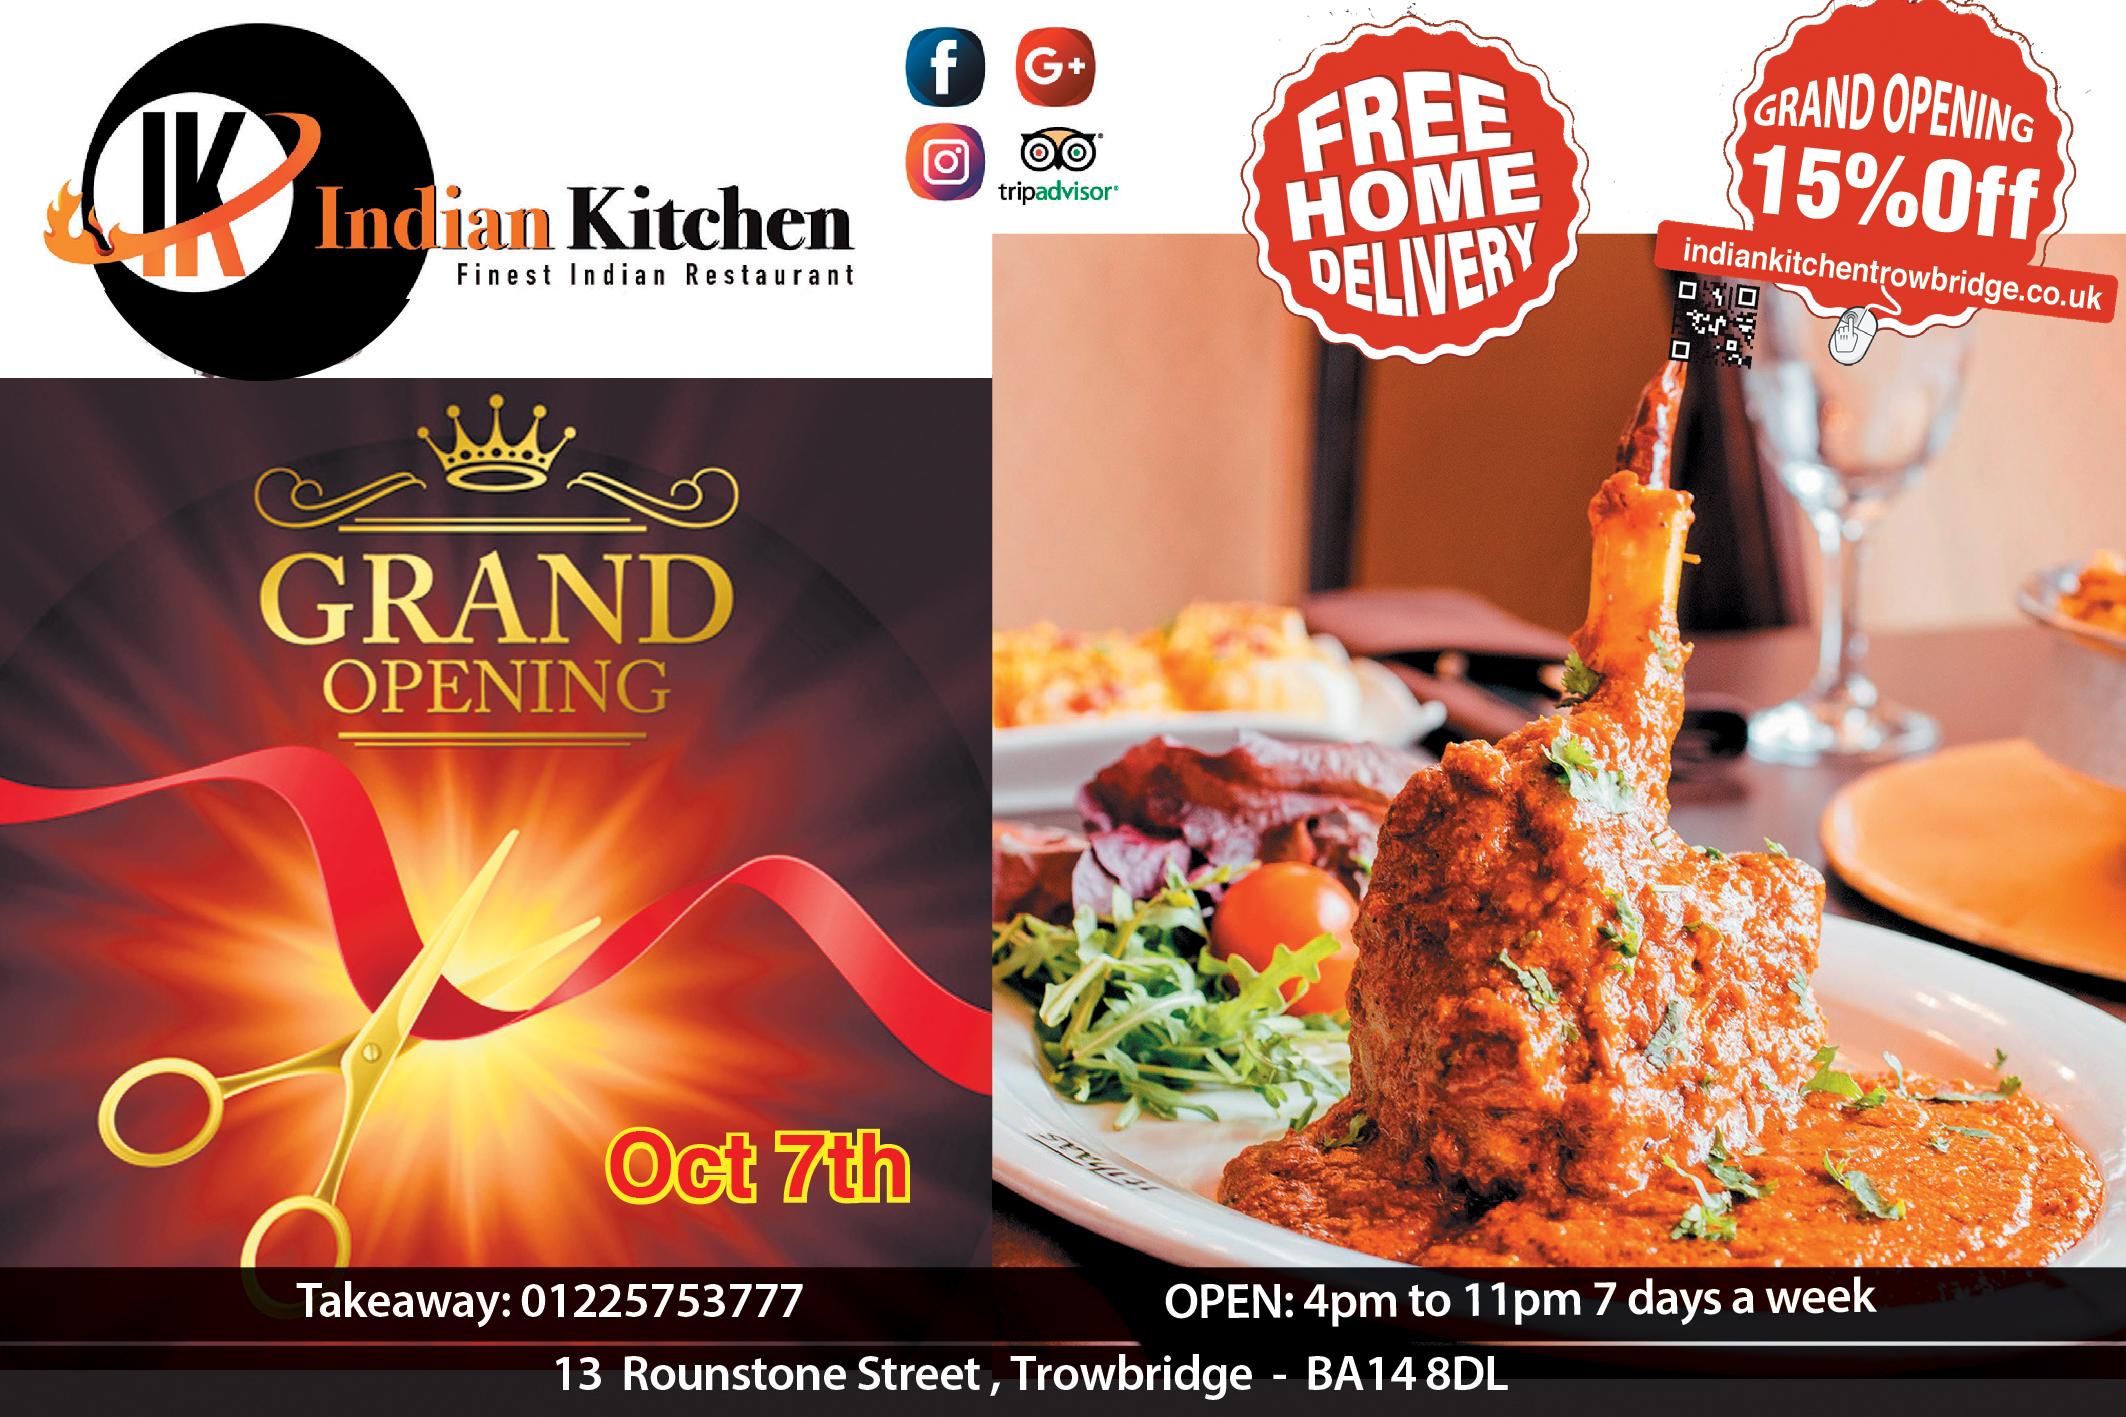 Indian Kitchen Indian Kitchen Trowbridge Takeaway Order